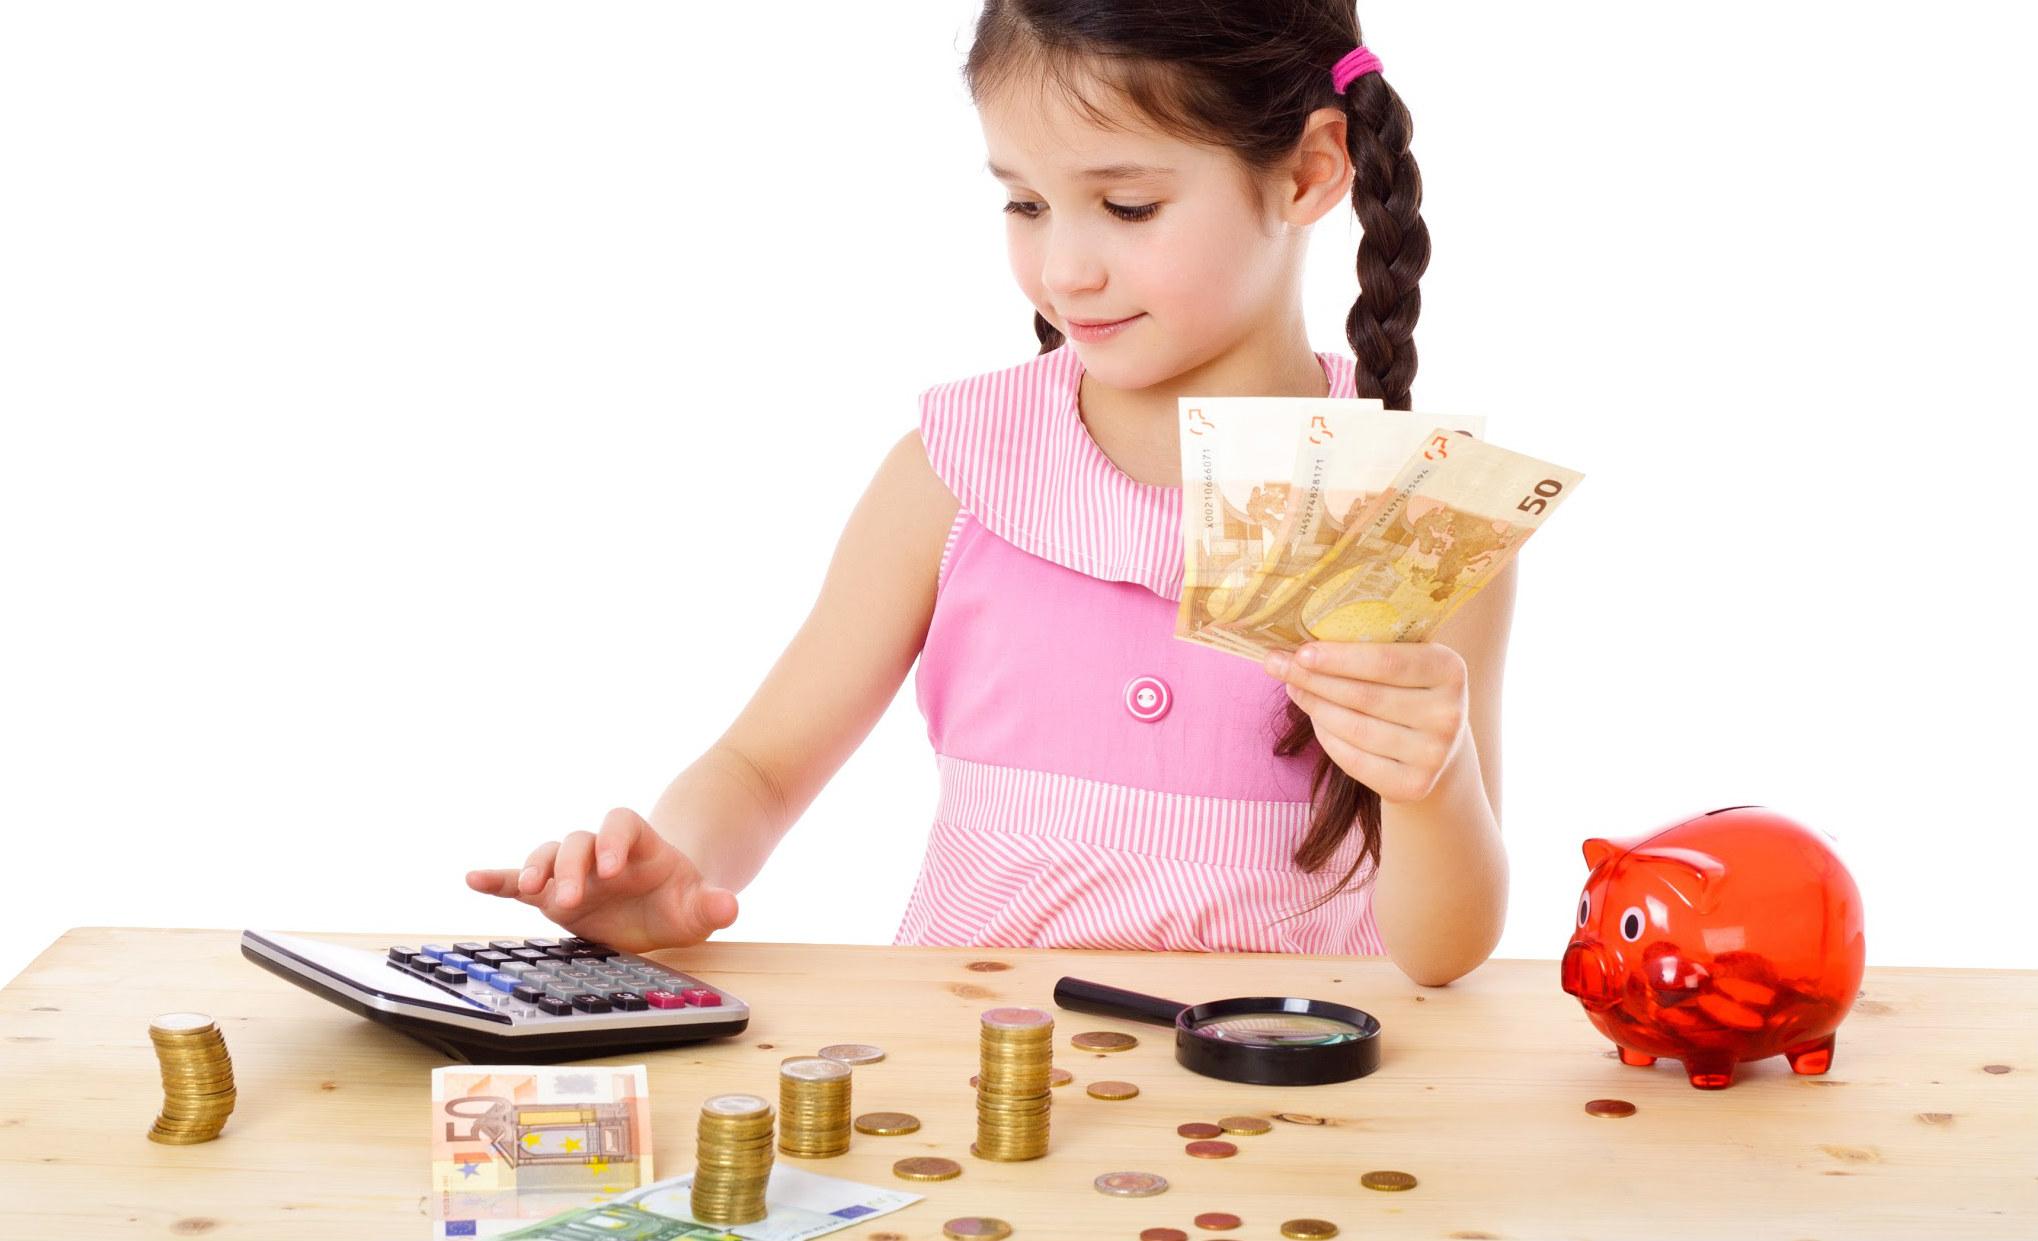 как заработать деньги сидя дома 13 лет